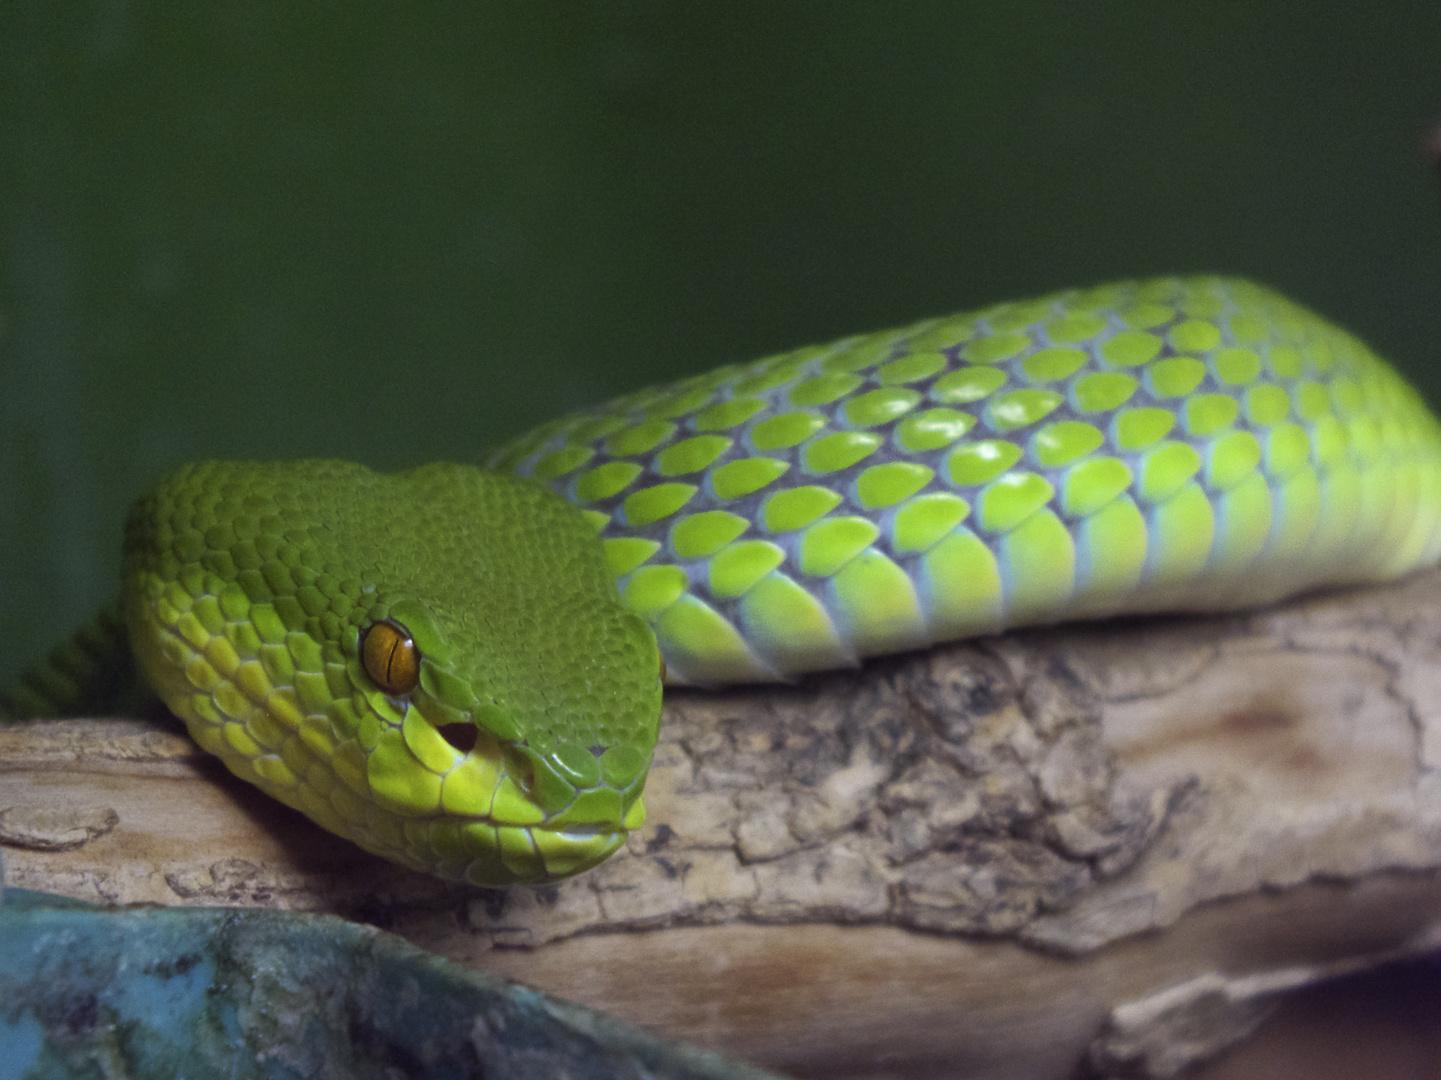 Grüne Bambusotter - fotografiert im Reptilienzoo Regensburg